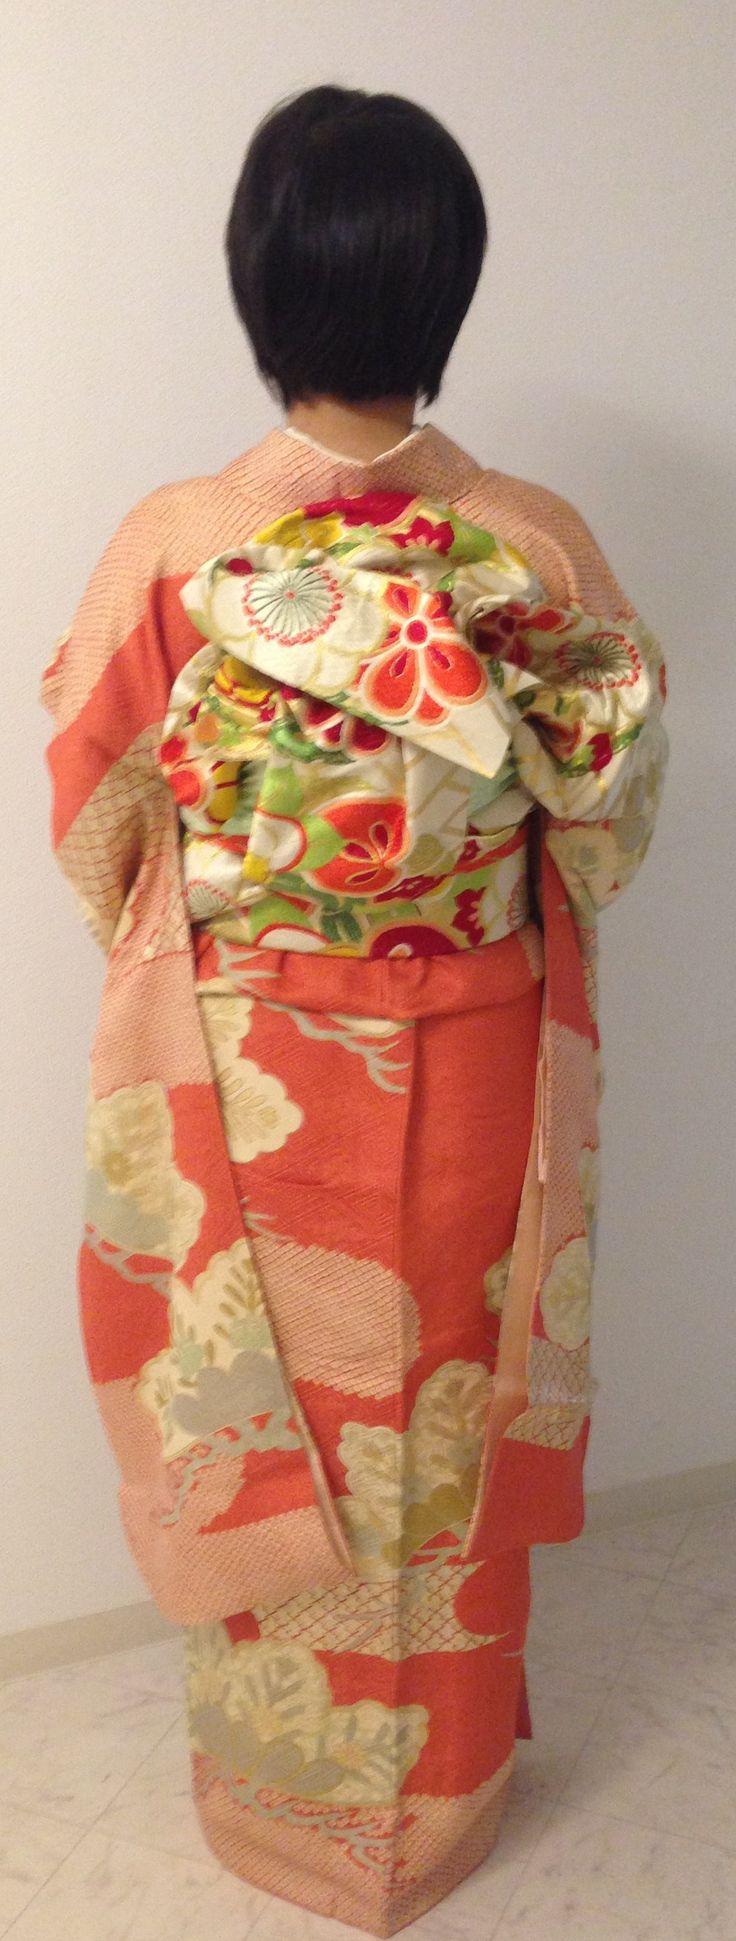 振袖 / Furisode (Formal Kimono for unmarried woman)